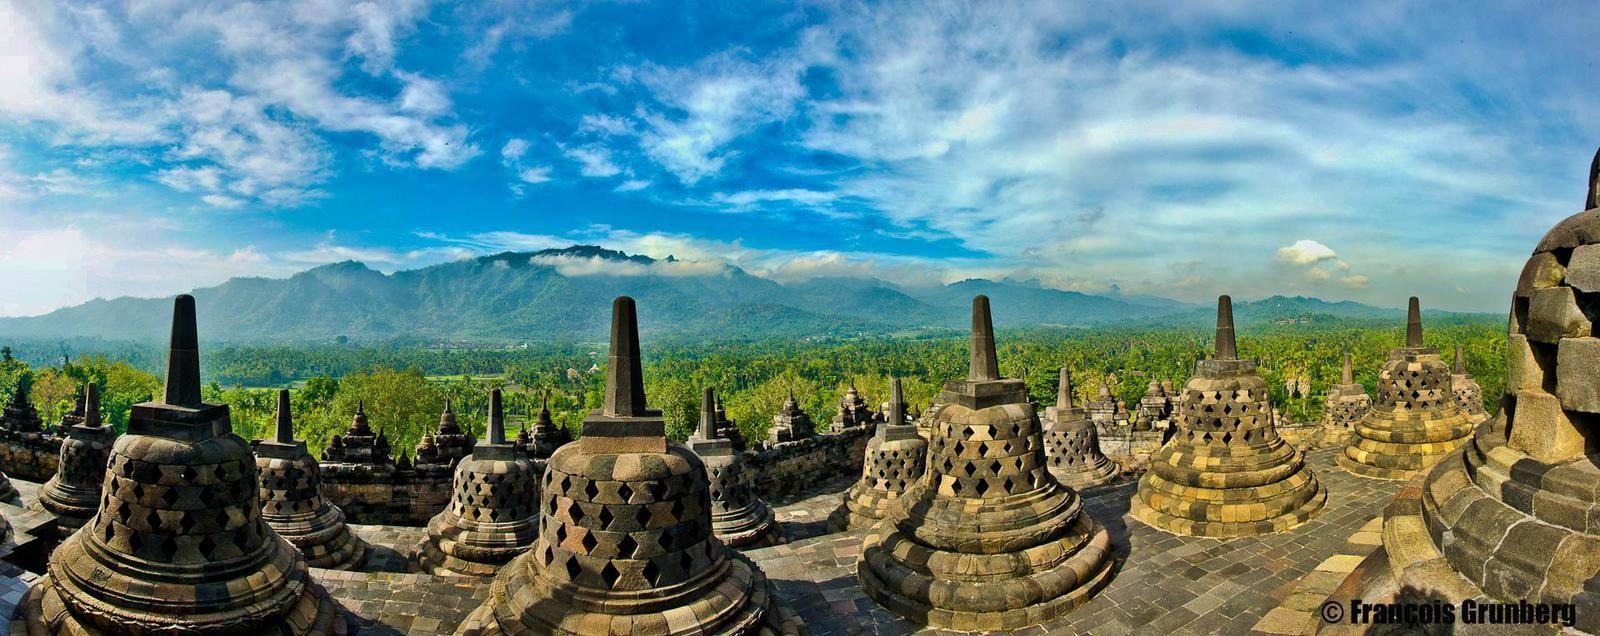 Borobudur, Temple bouddhiste incroyable, Java, Indonésie